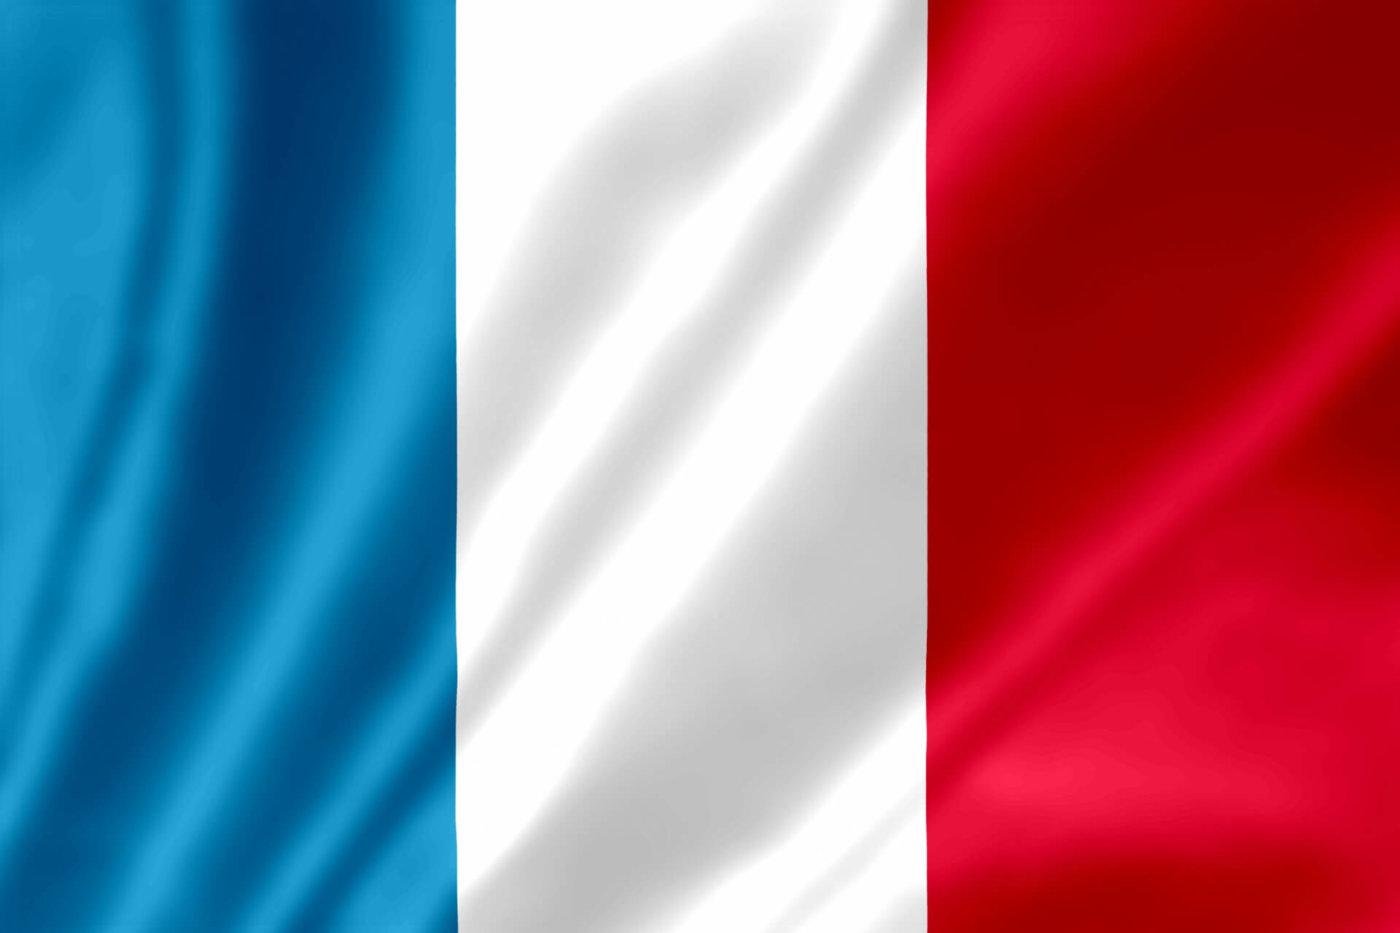 もはや恒例行事!? サッカーフランス代表の内紛の歴史